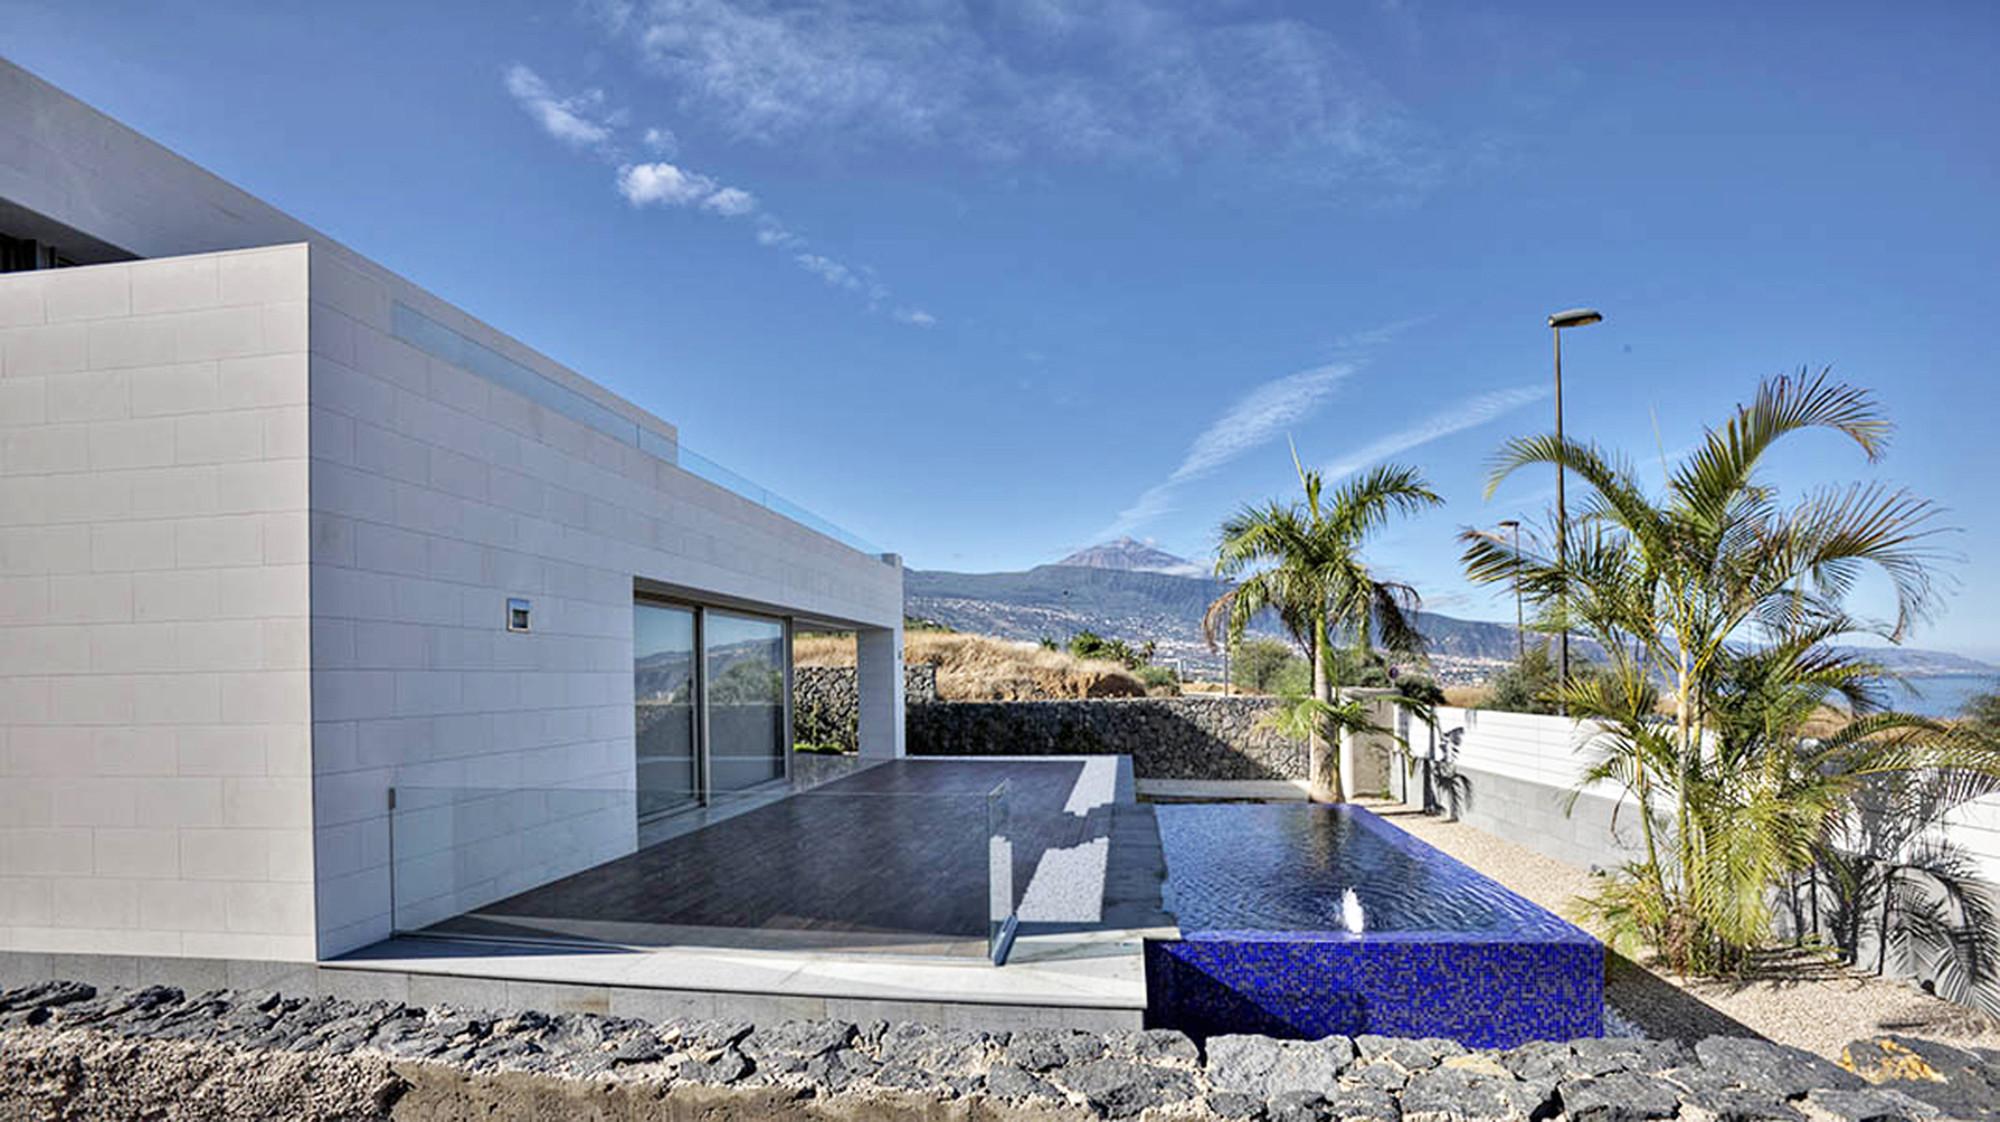 Vivienda en La Quinta / Correa + Estévez Arquitectura, © Efraín Pintos